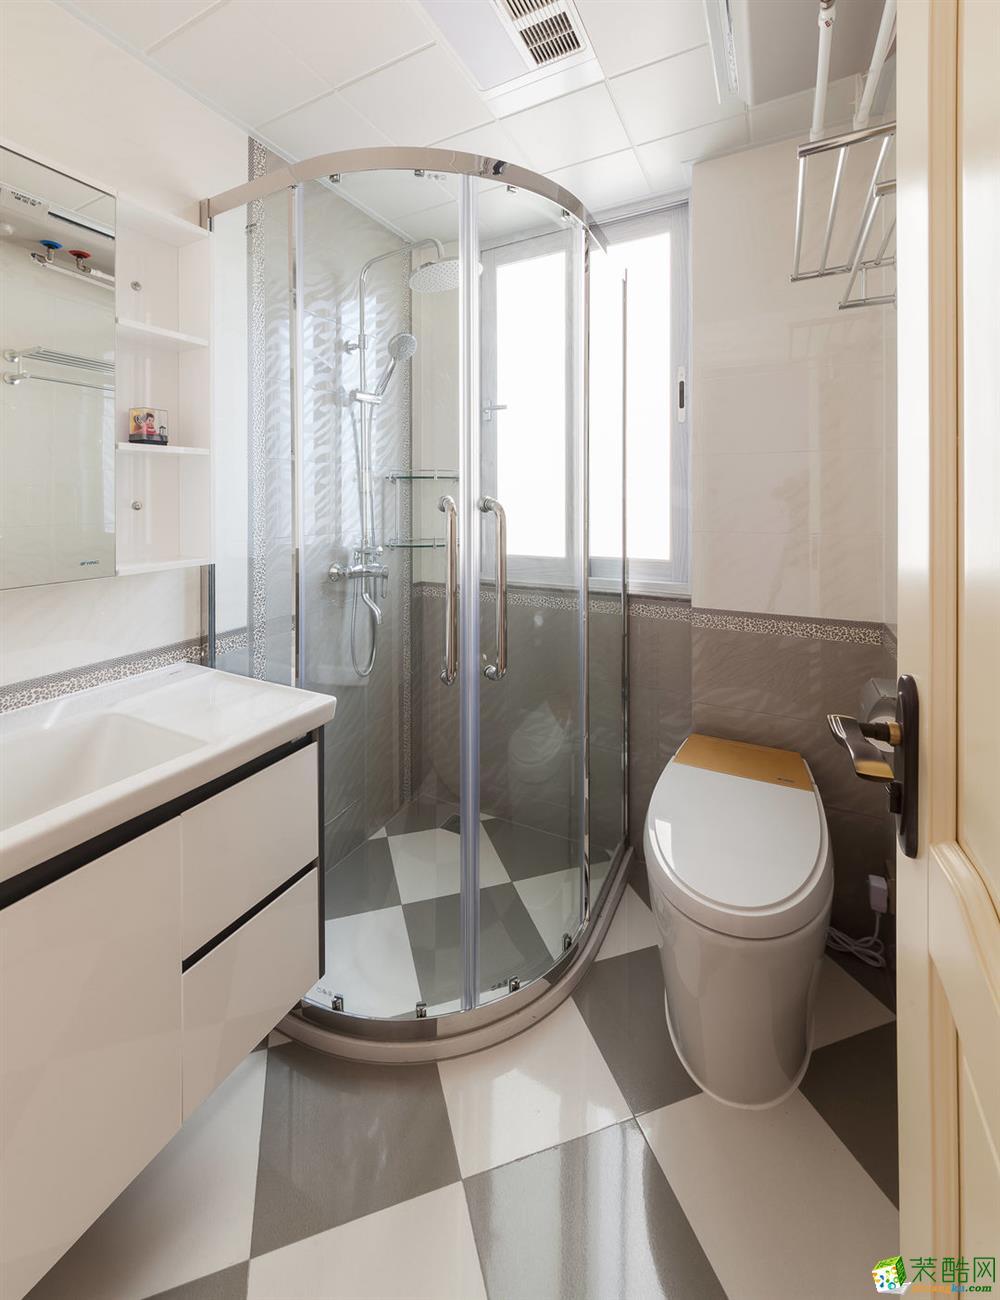 卫浴 重庆165平三室两厅装修 棕榈泉现代简约风格装修案例赏析-佳天下装饰 《佳天下装饰》-- 棕榈泉